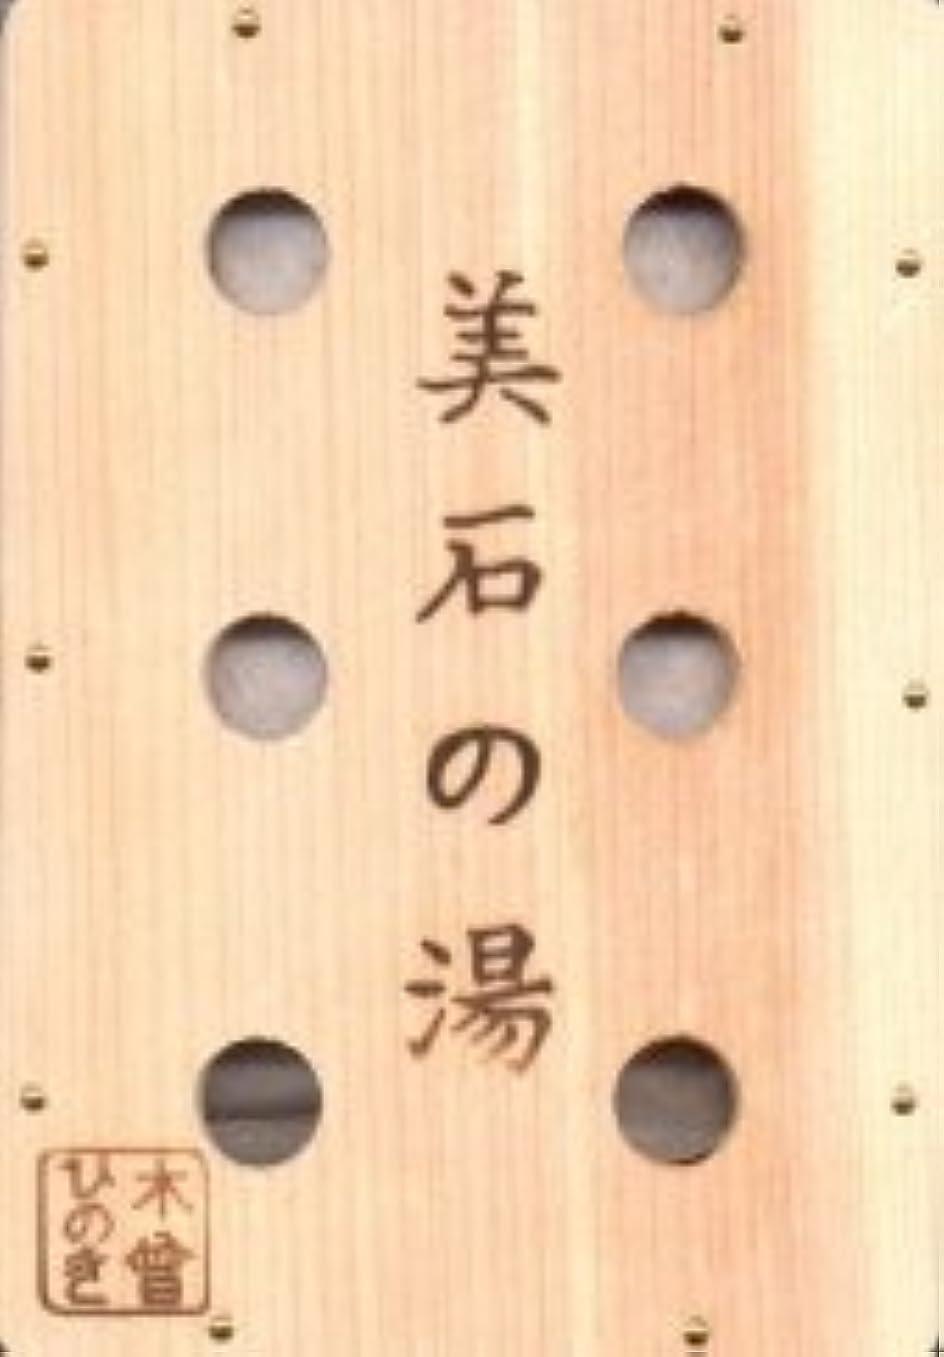 タバコ半ば否認する北海道 二股温泉 湯の華鉱石使用 美石の湯